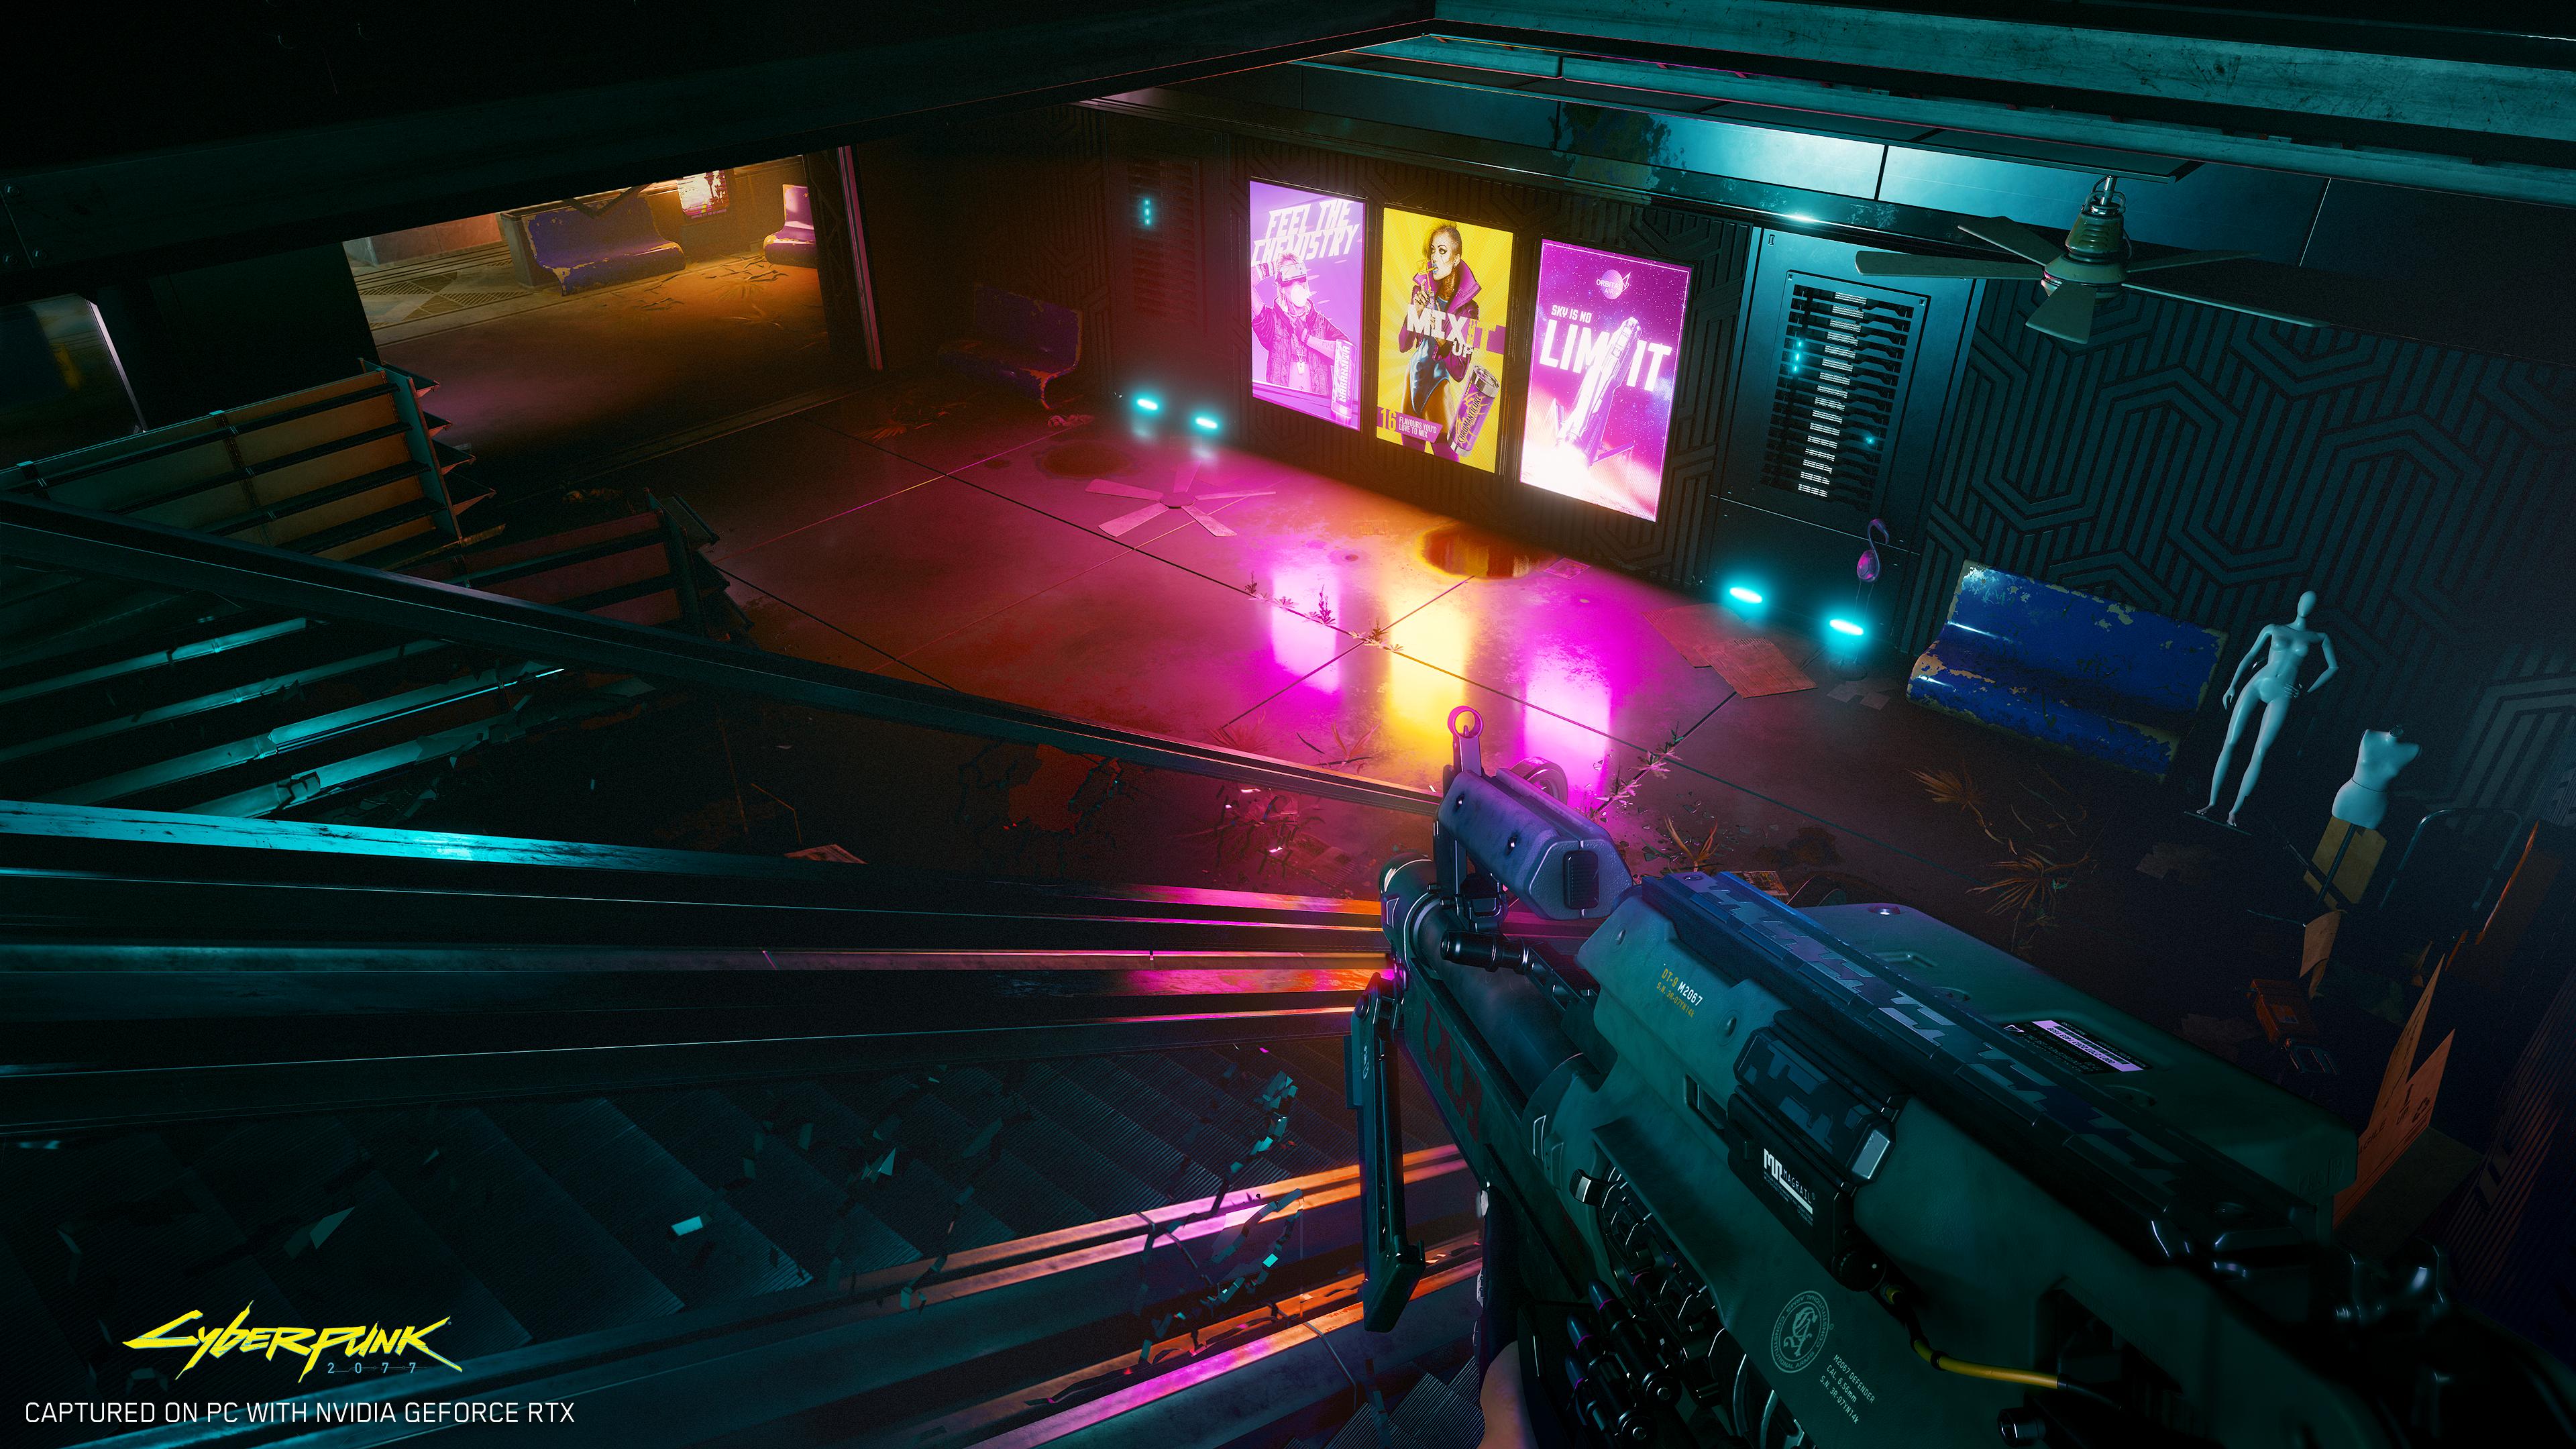 2077 也確認將支援光線追蹤技術,或許正是製作人所說的理由。(圖源:Cyberpunk 2077)